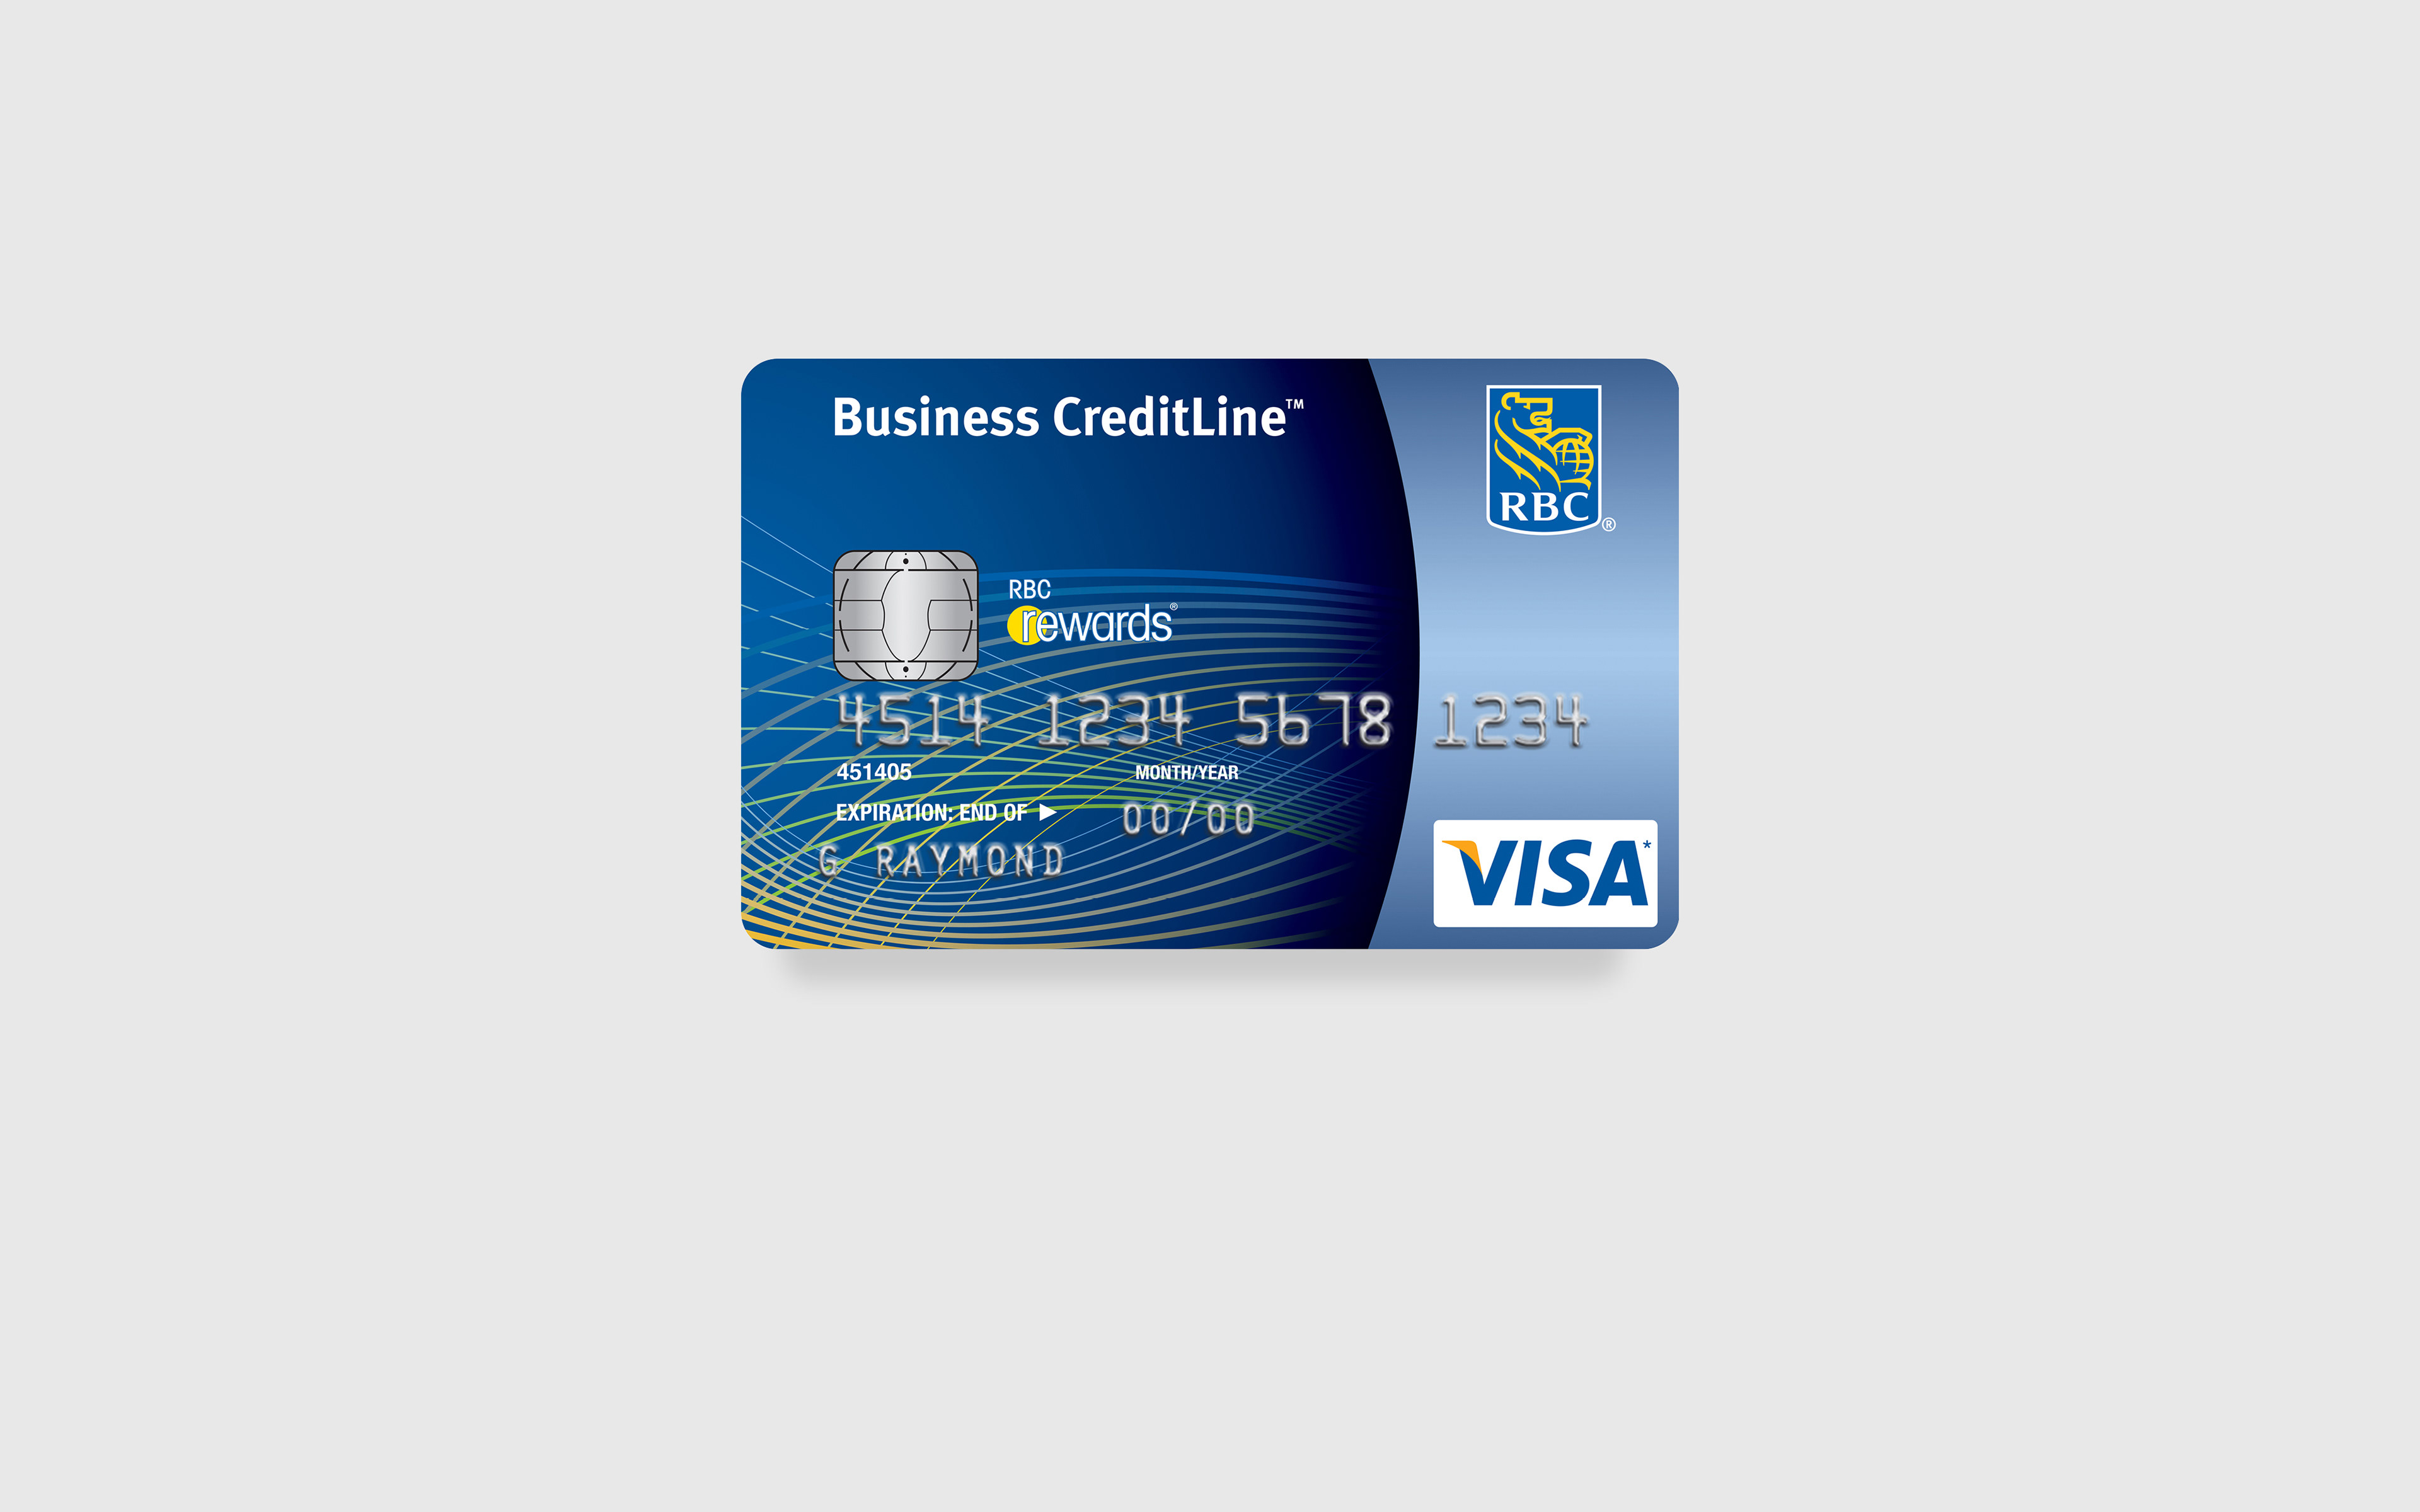 Dzung Tran - Card Designs (RBC)